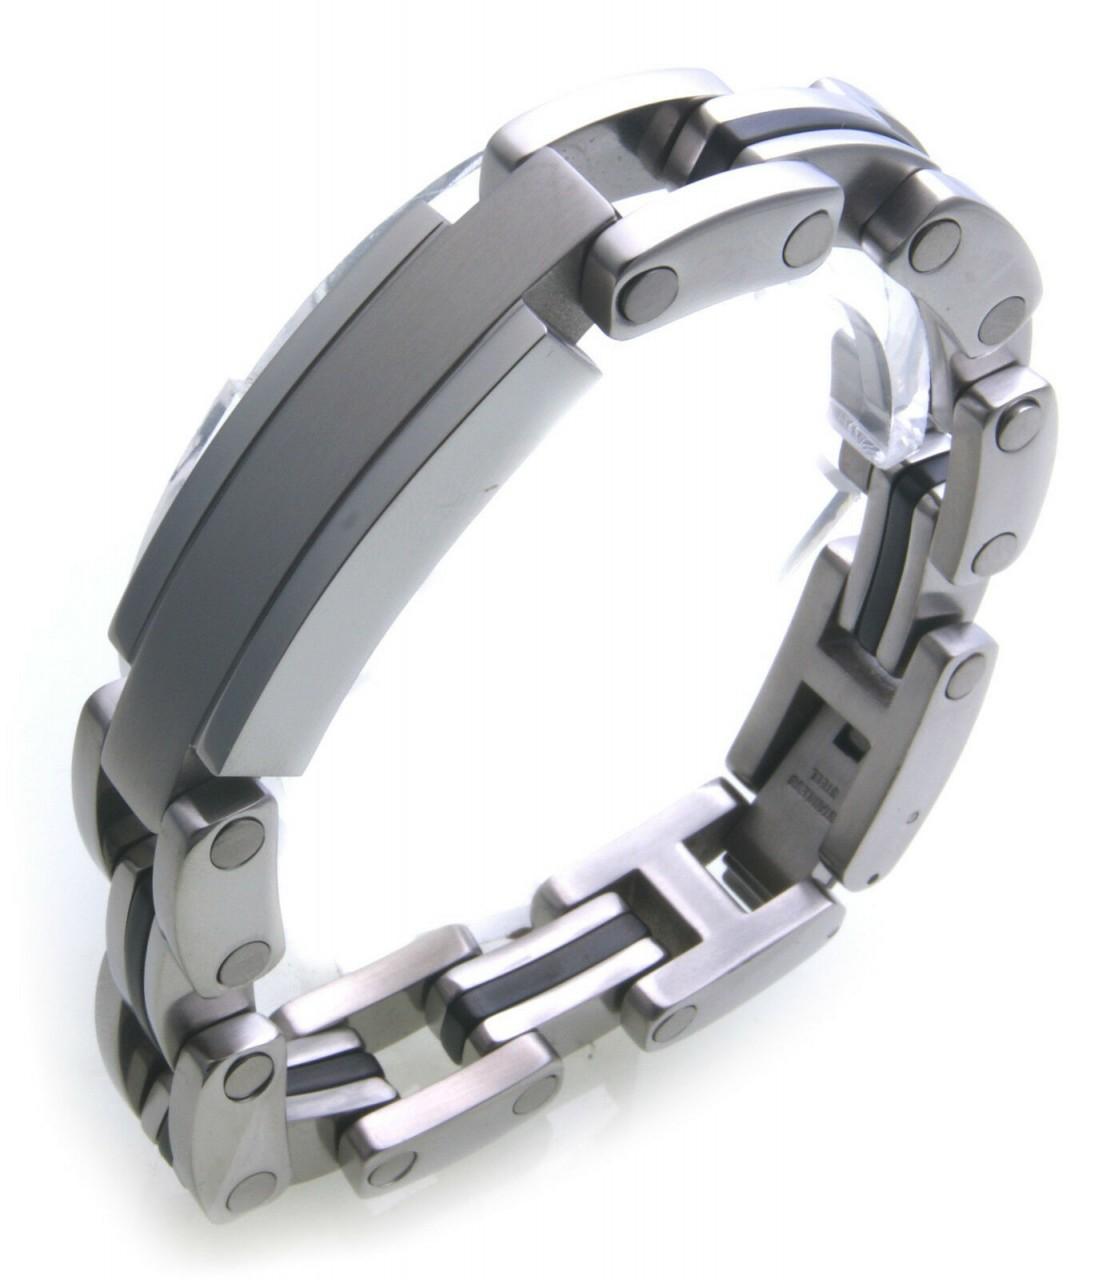 hochwertiges Armband Edelstahl Herren Kette Hardwear Landmesser Gravur möglich